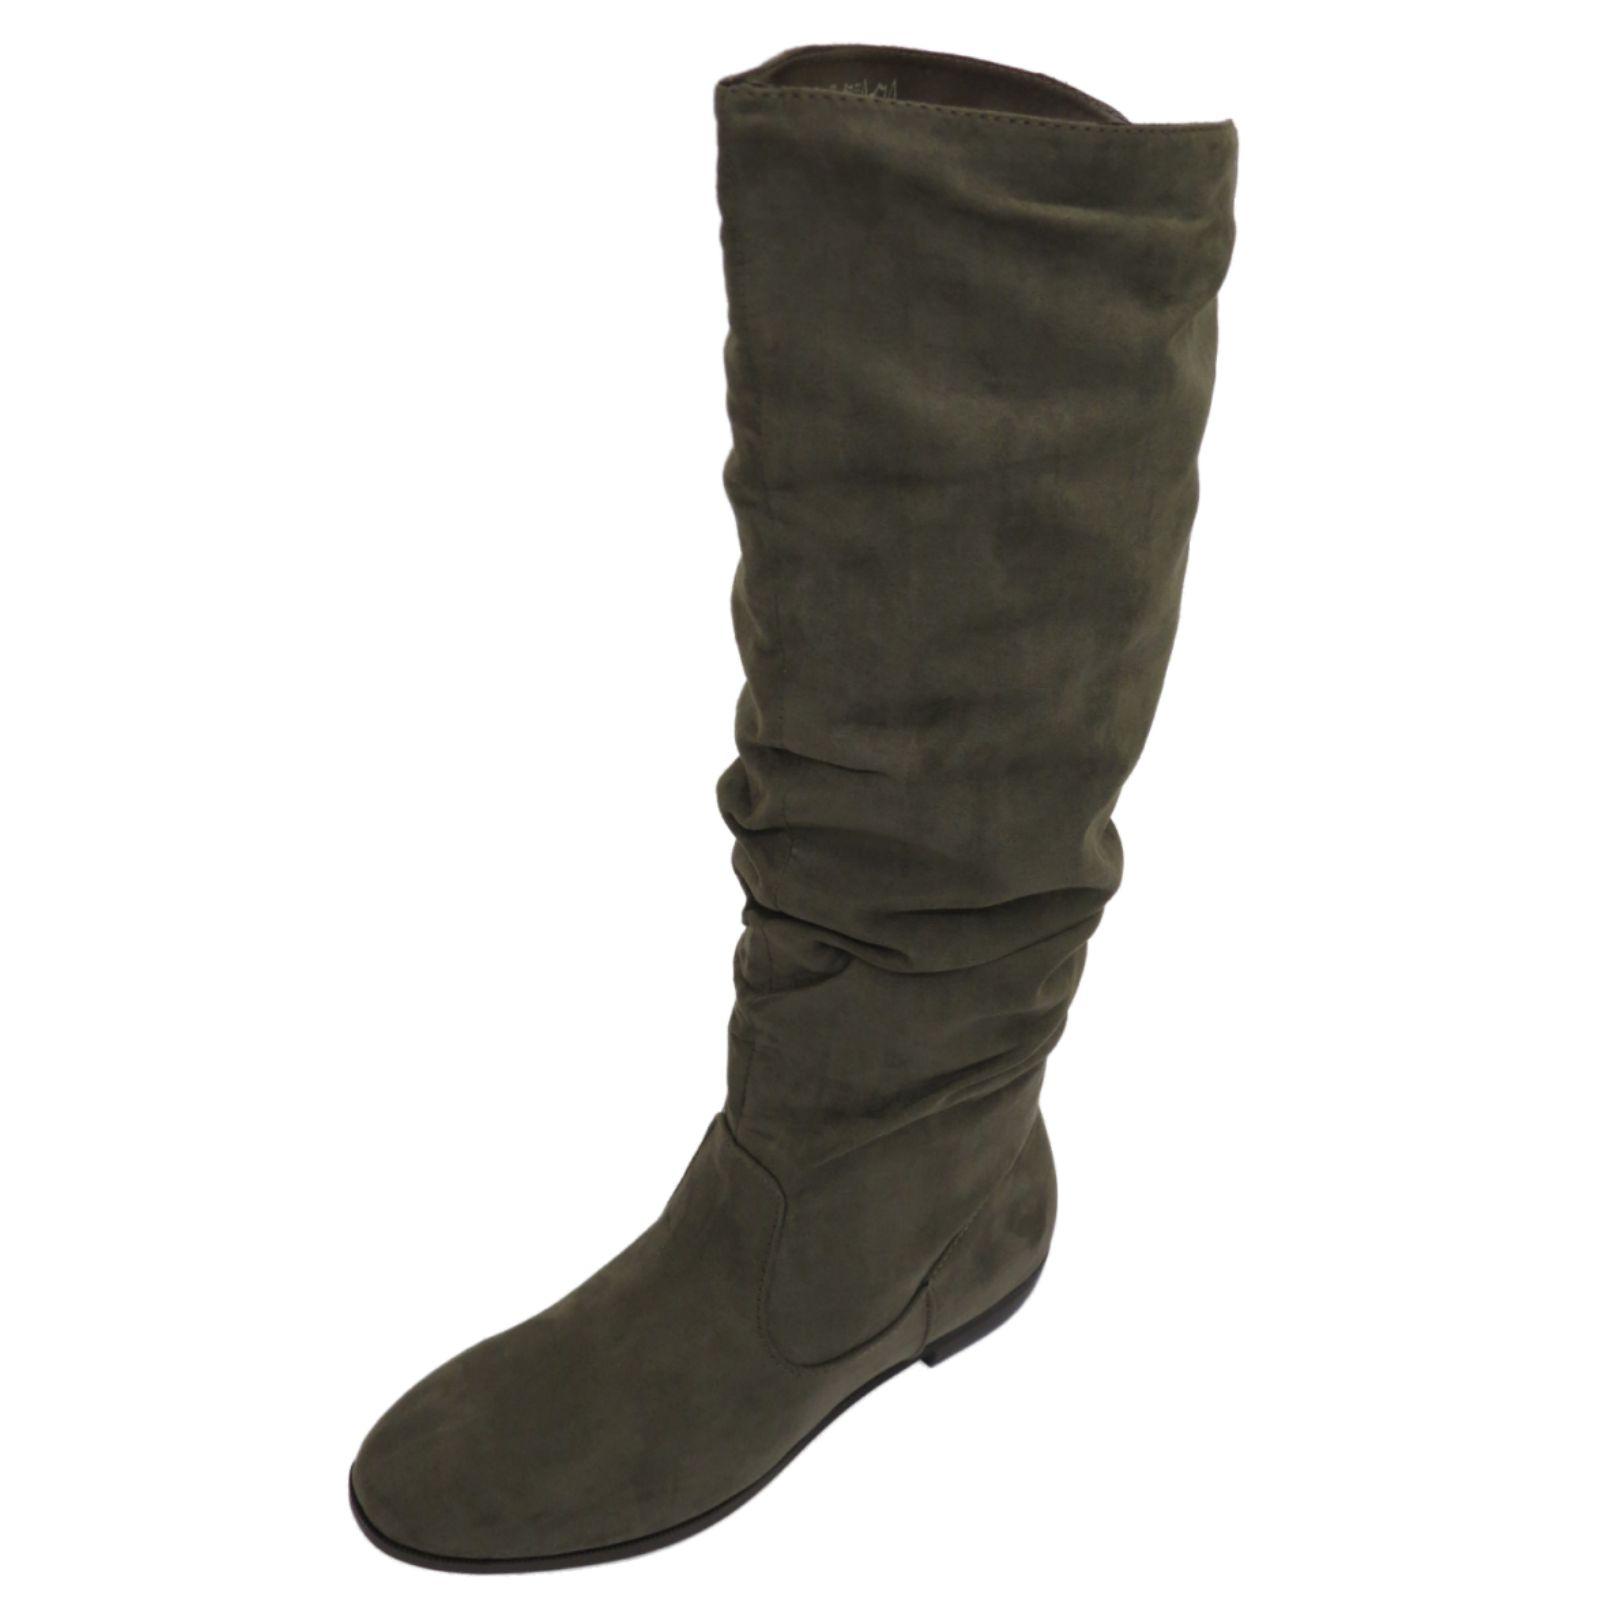 Damen flach grau Zug Pixie Biker Lässig gerüscht hoch Knie Wade Stiefel Schuhe